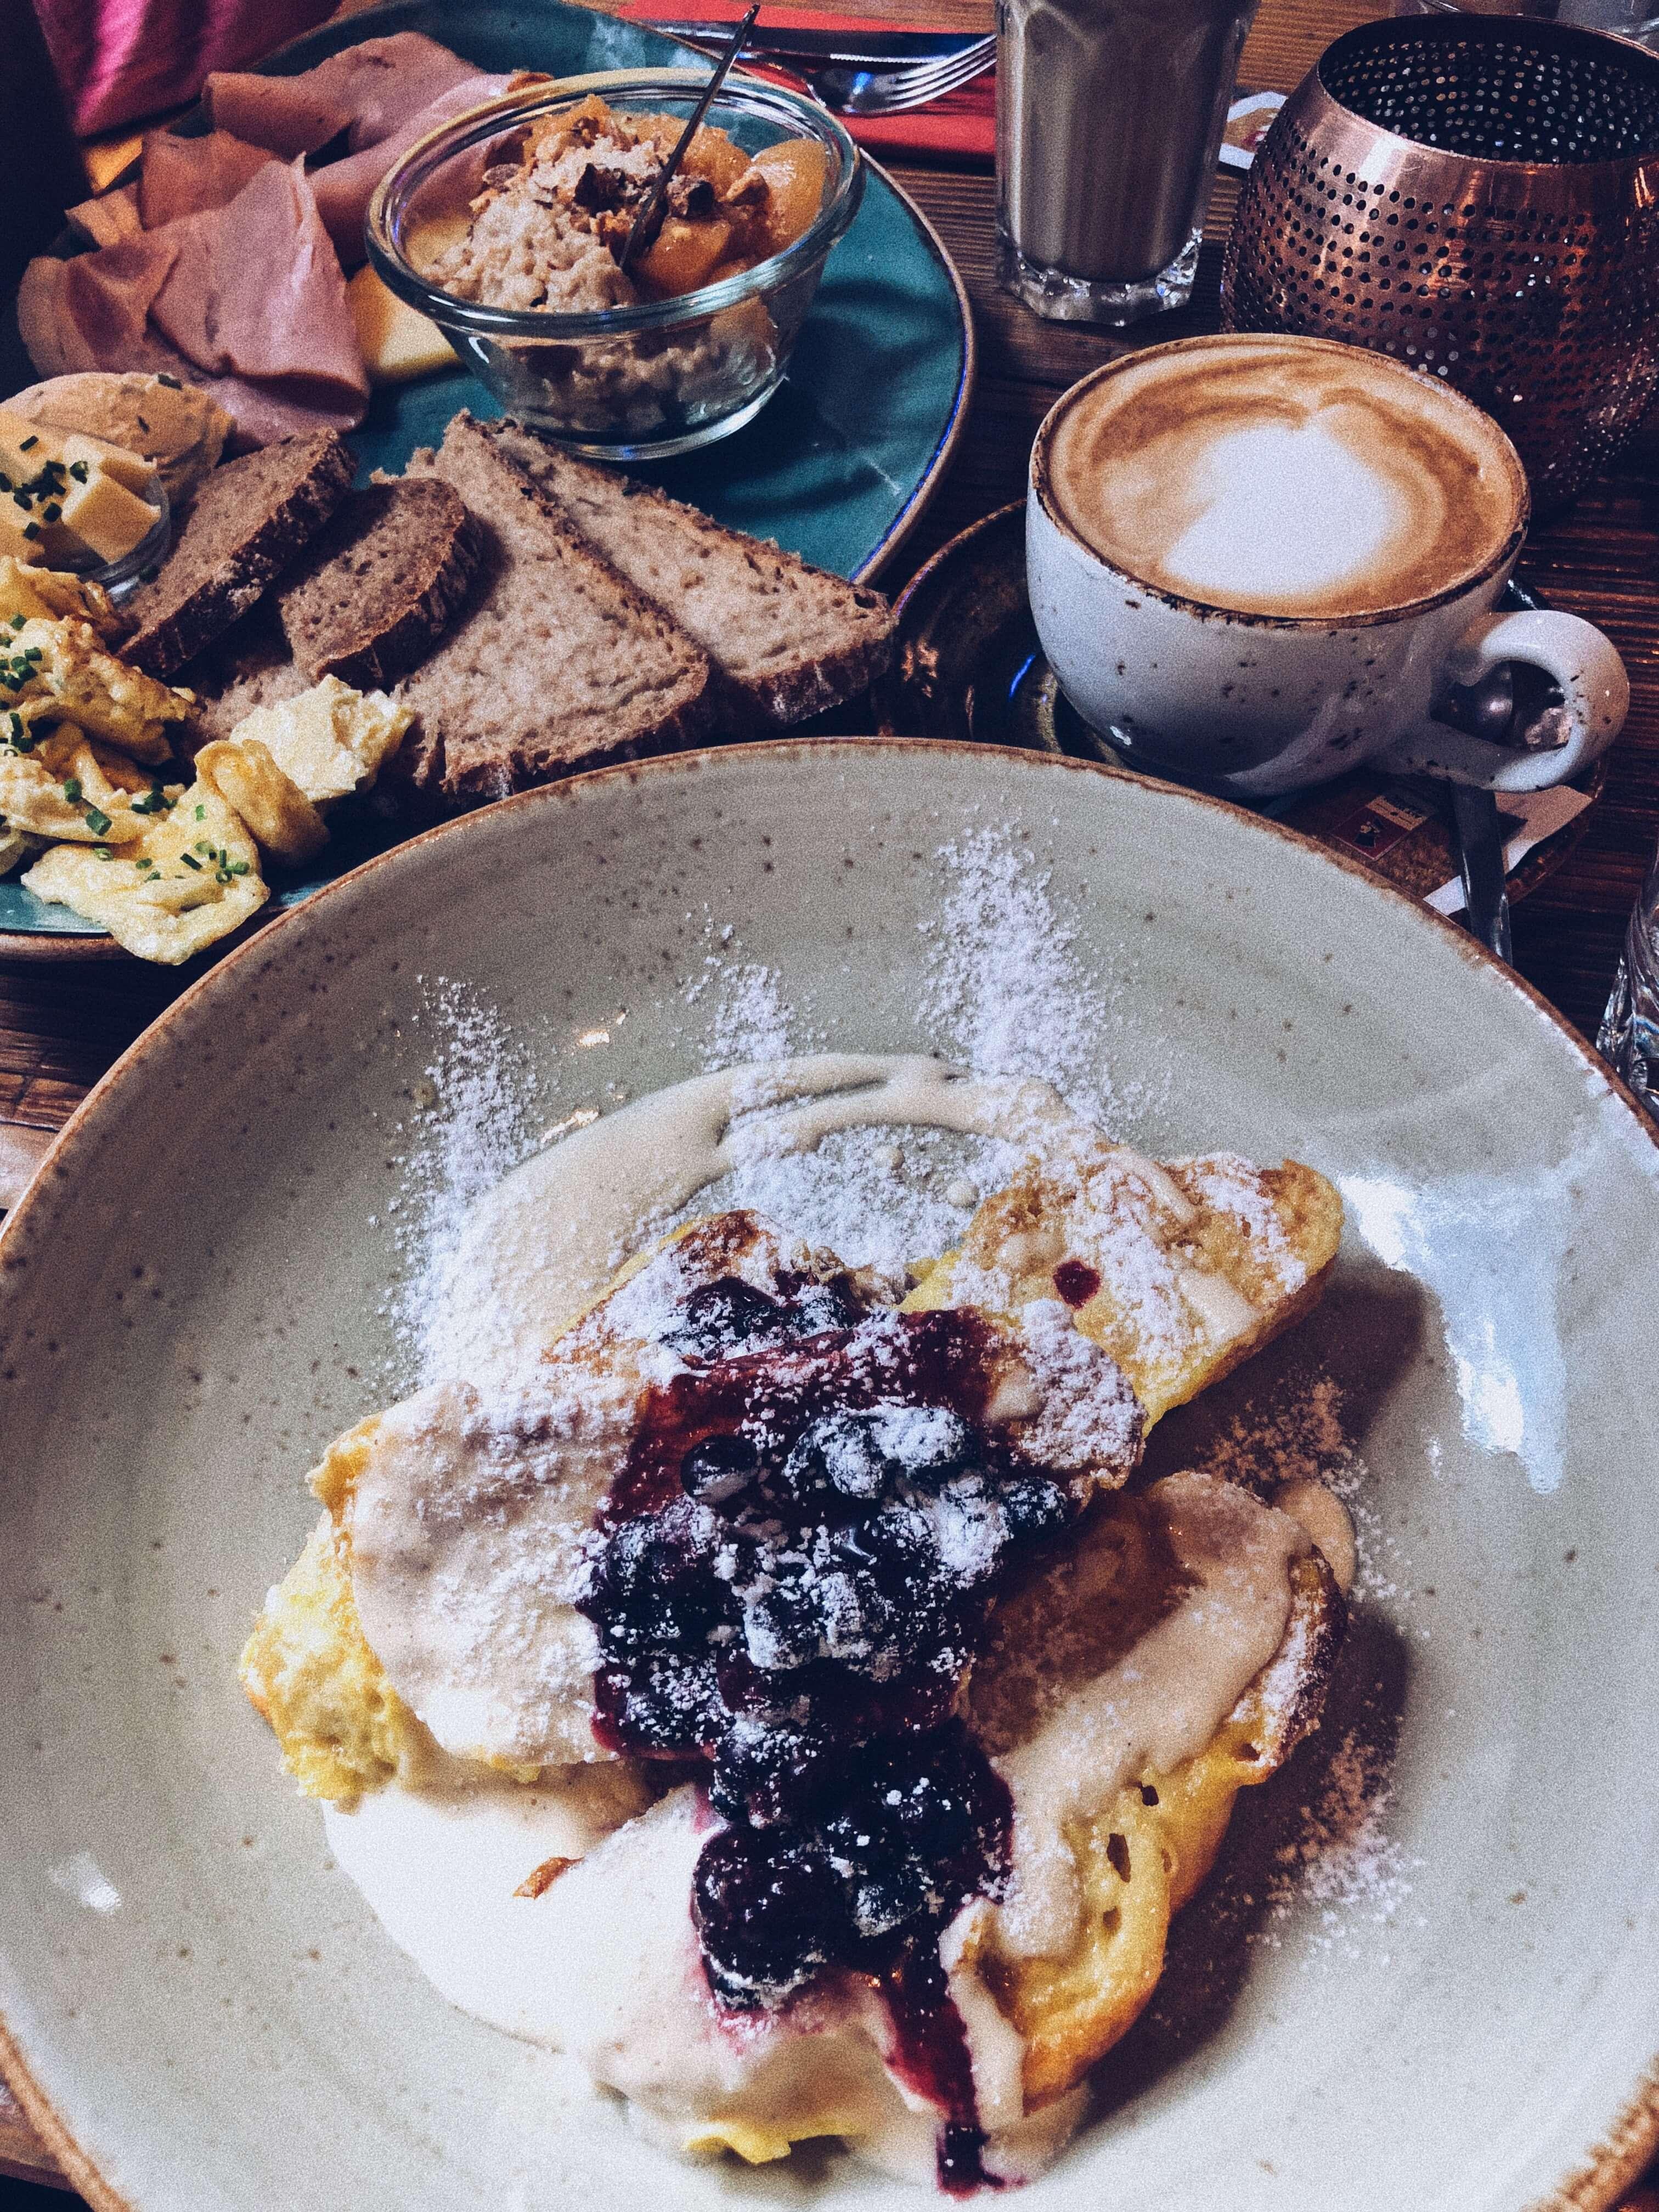 Frühstücken in Wien Ramasuri 1020 Wien